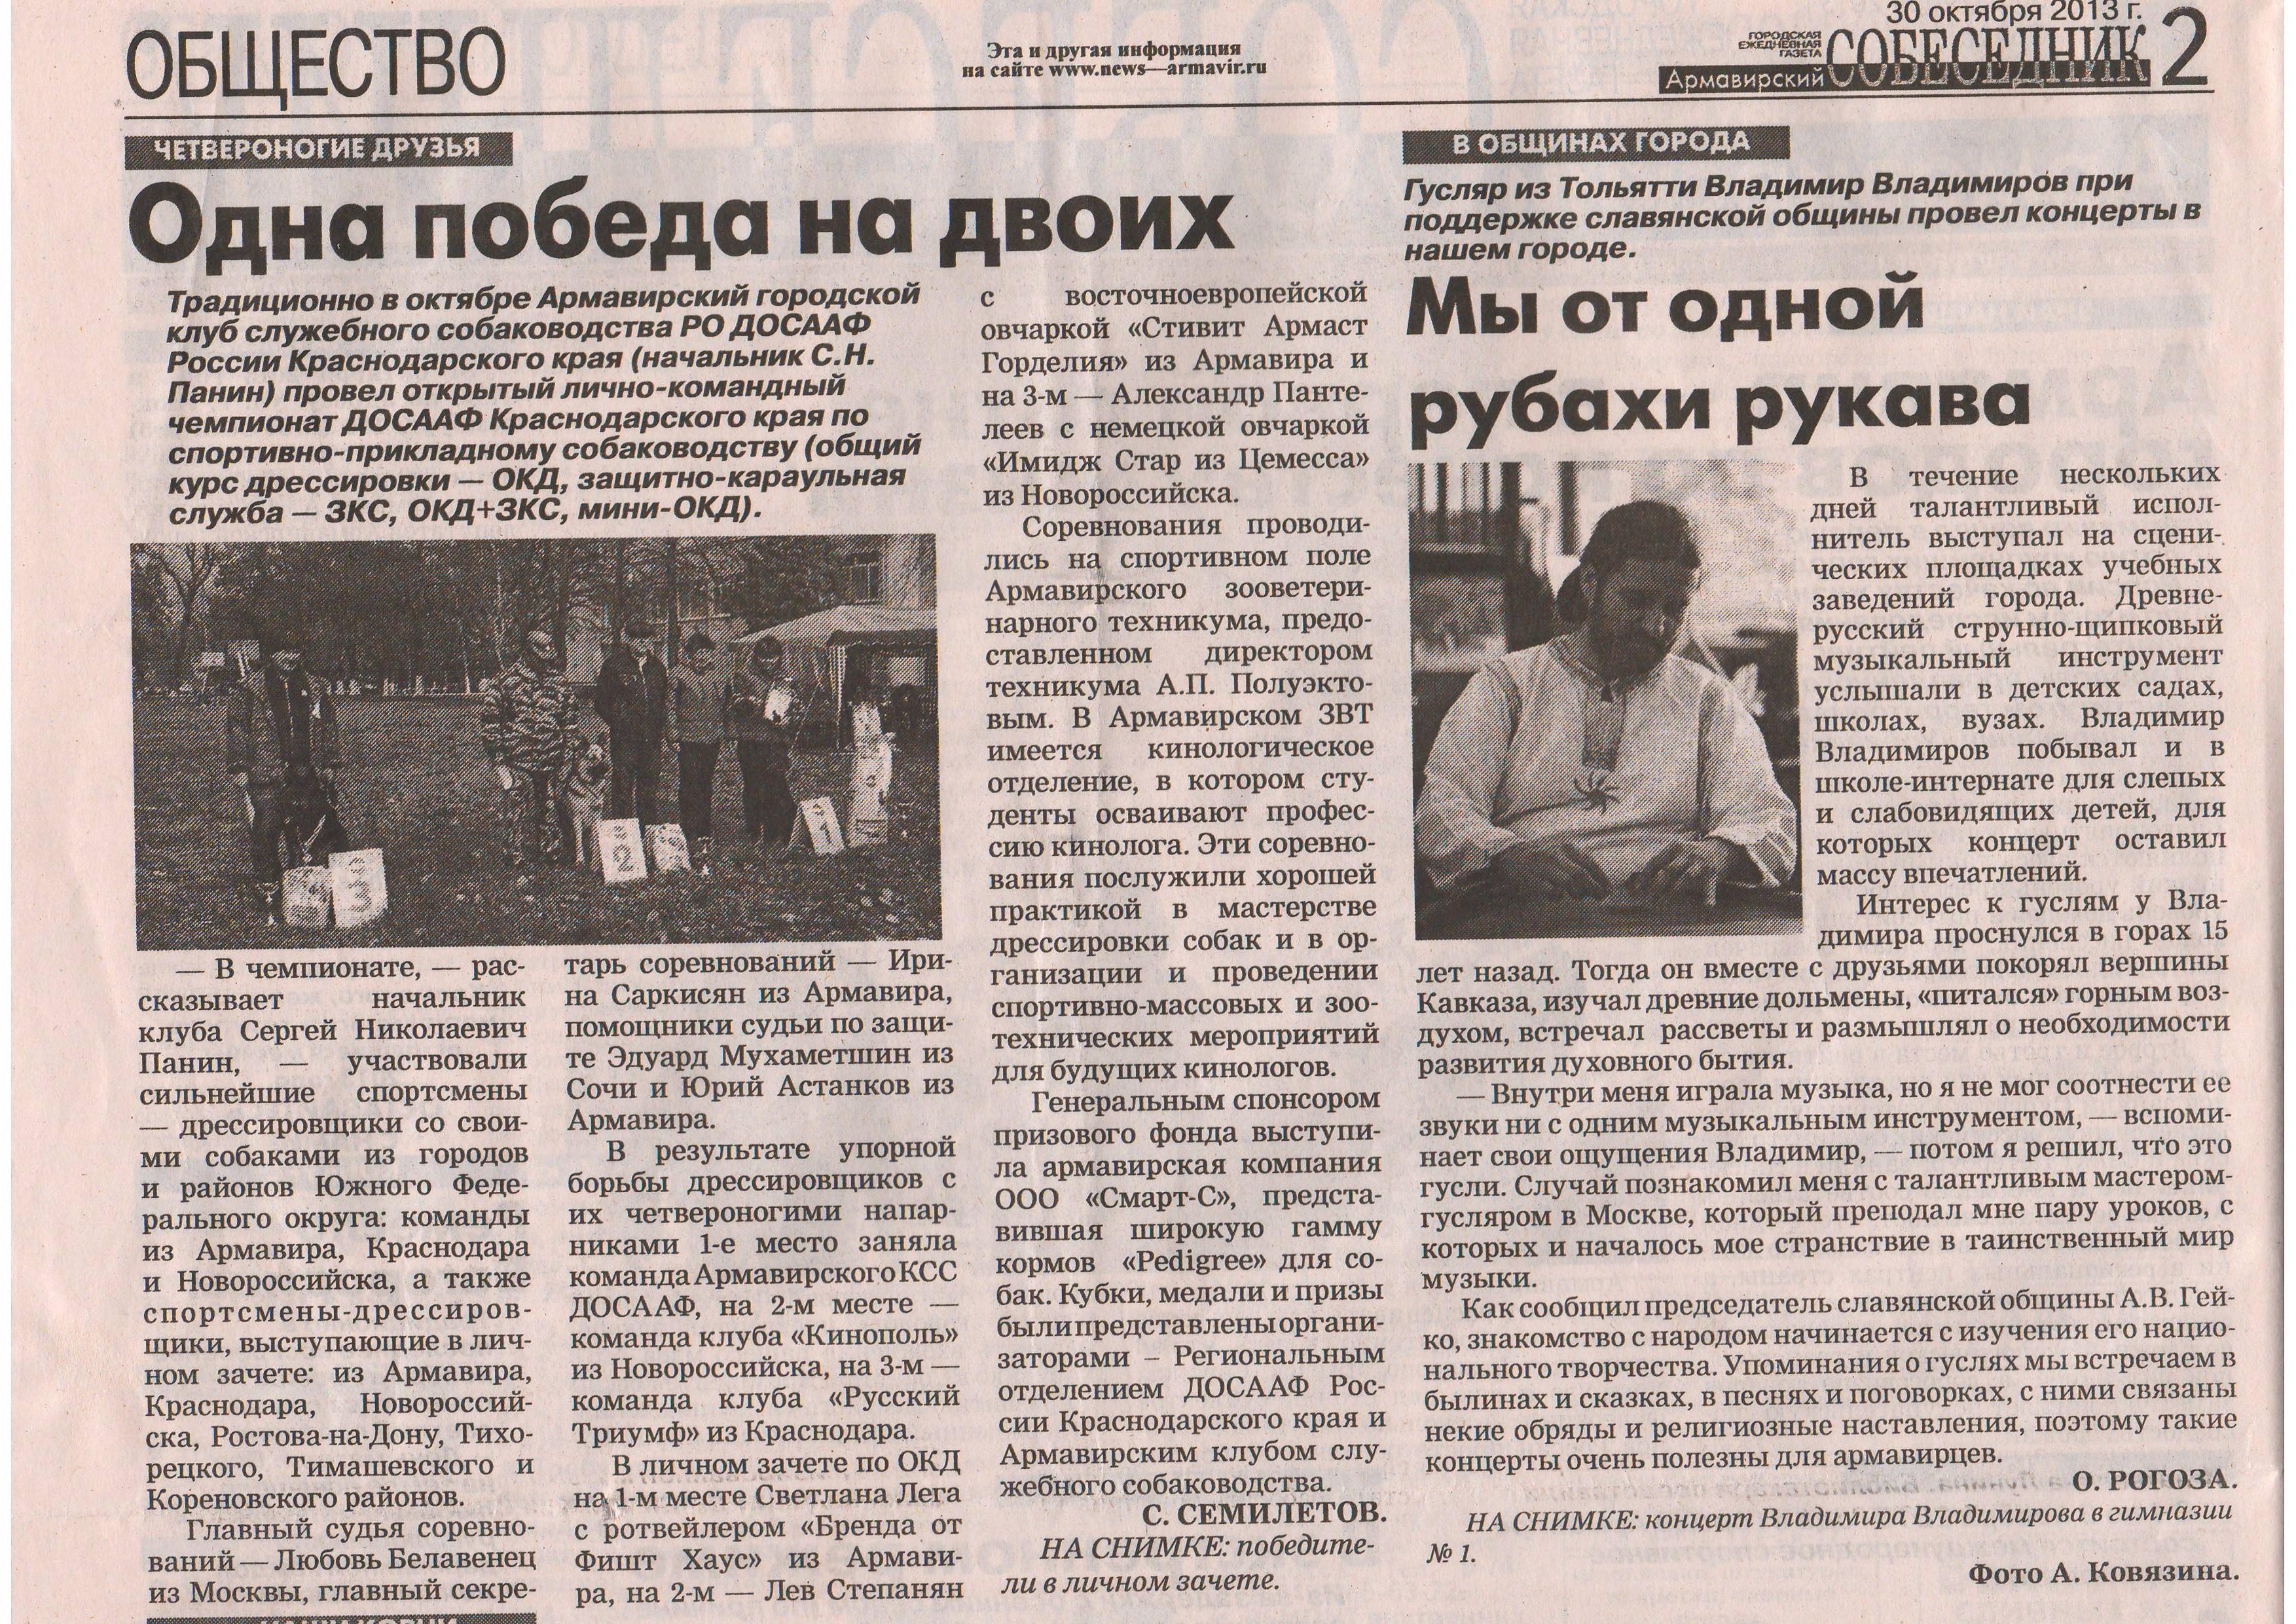 Статья в АС о соревнованиях 20.10.13.